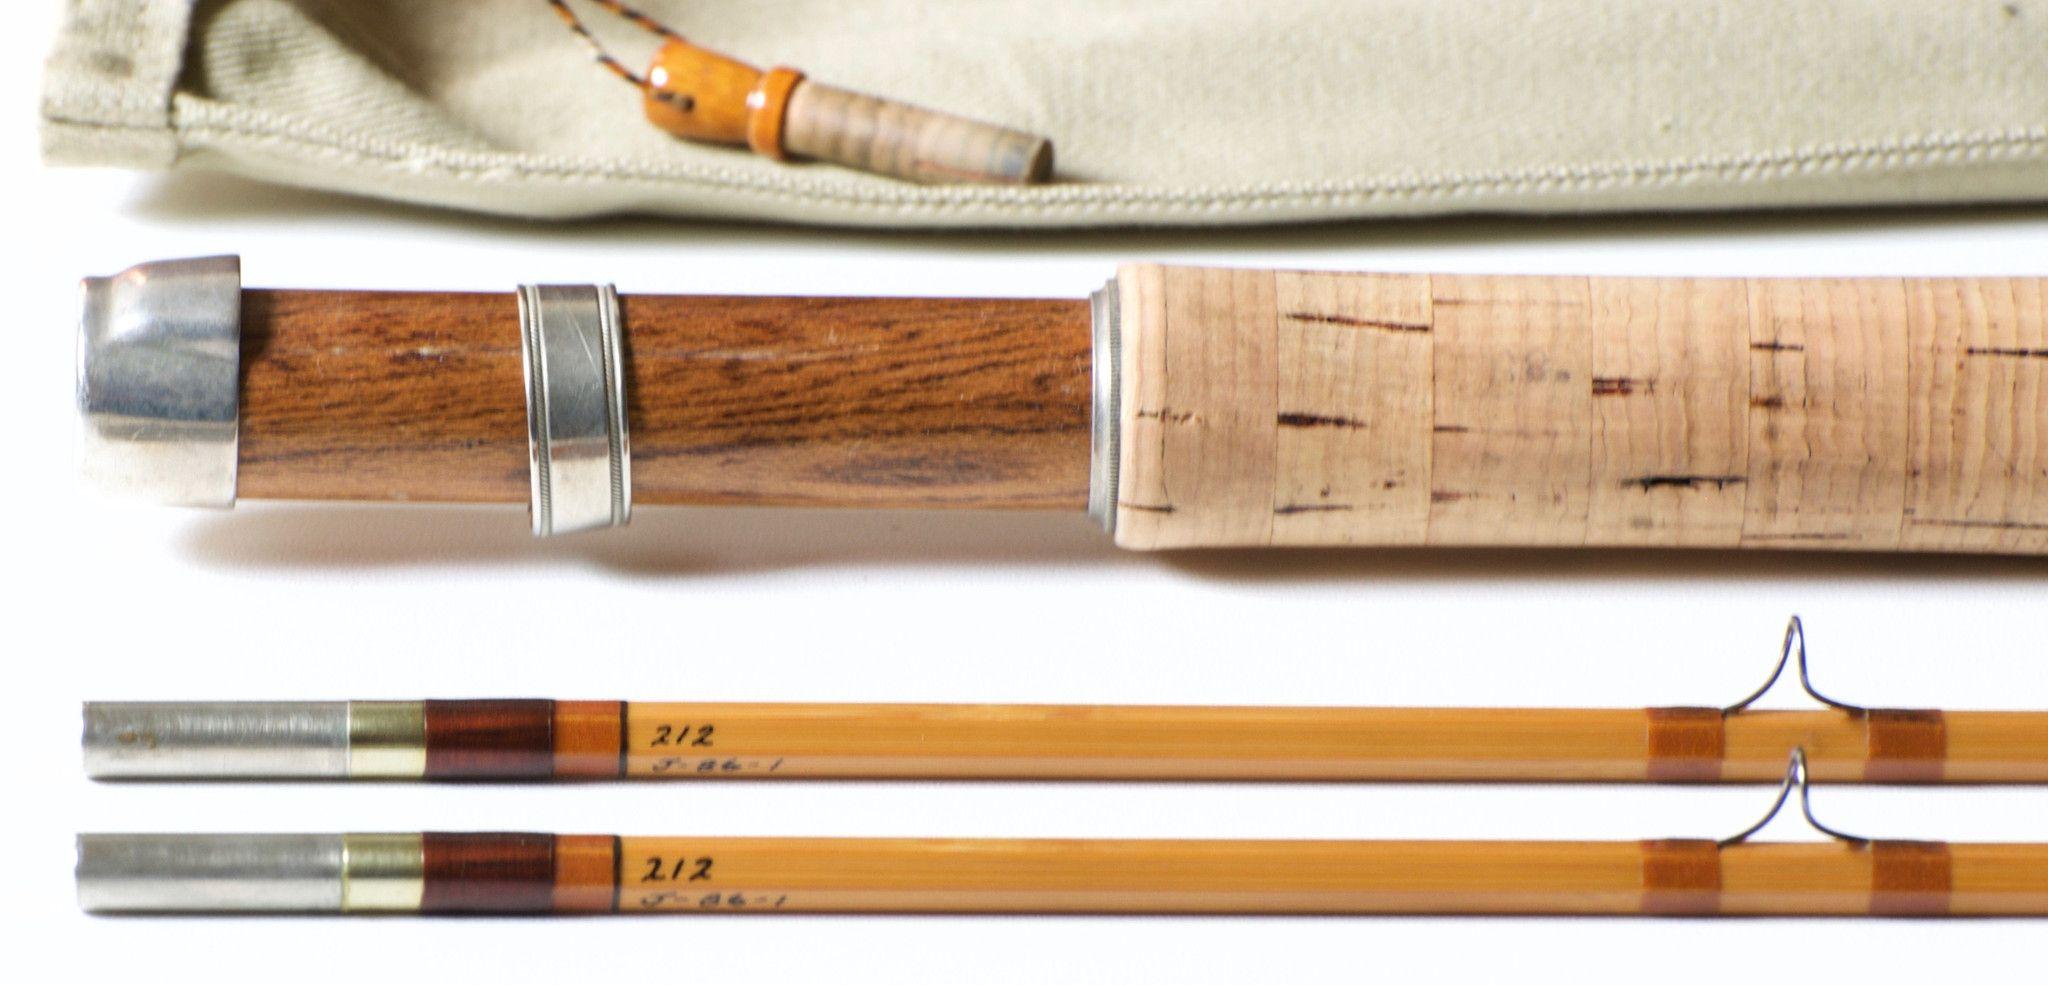 Carmichael, Hoagy -- Model 212 Bamboo Rod - Vintage Fly Tackle